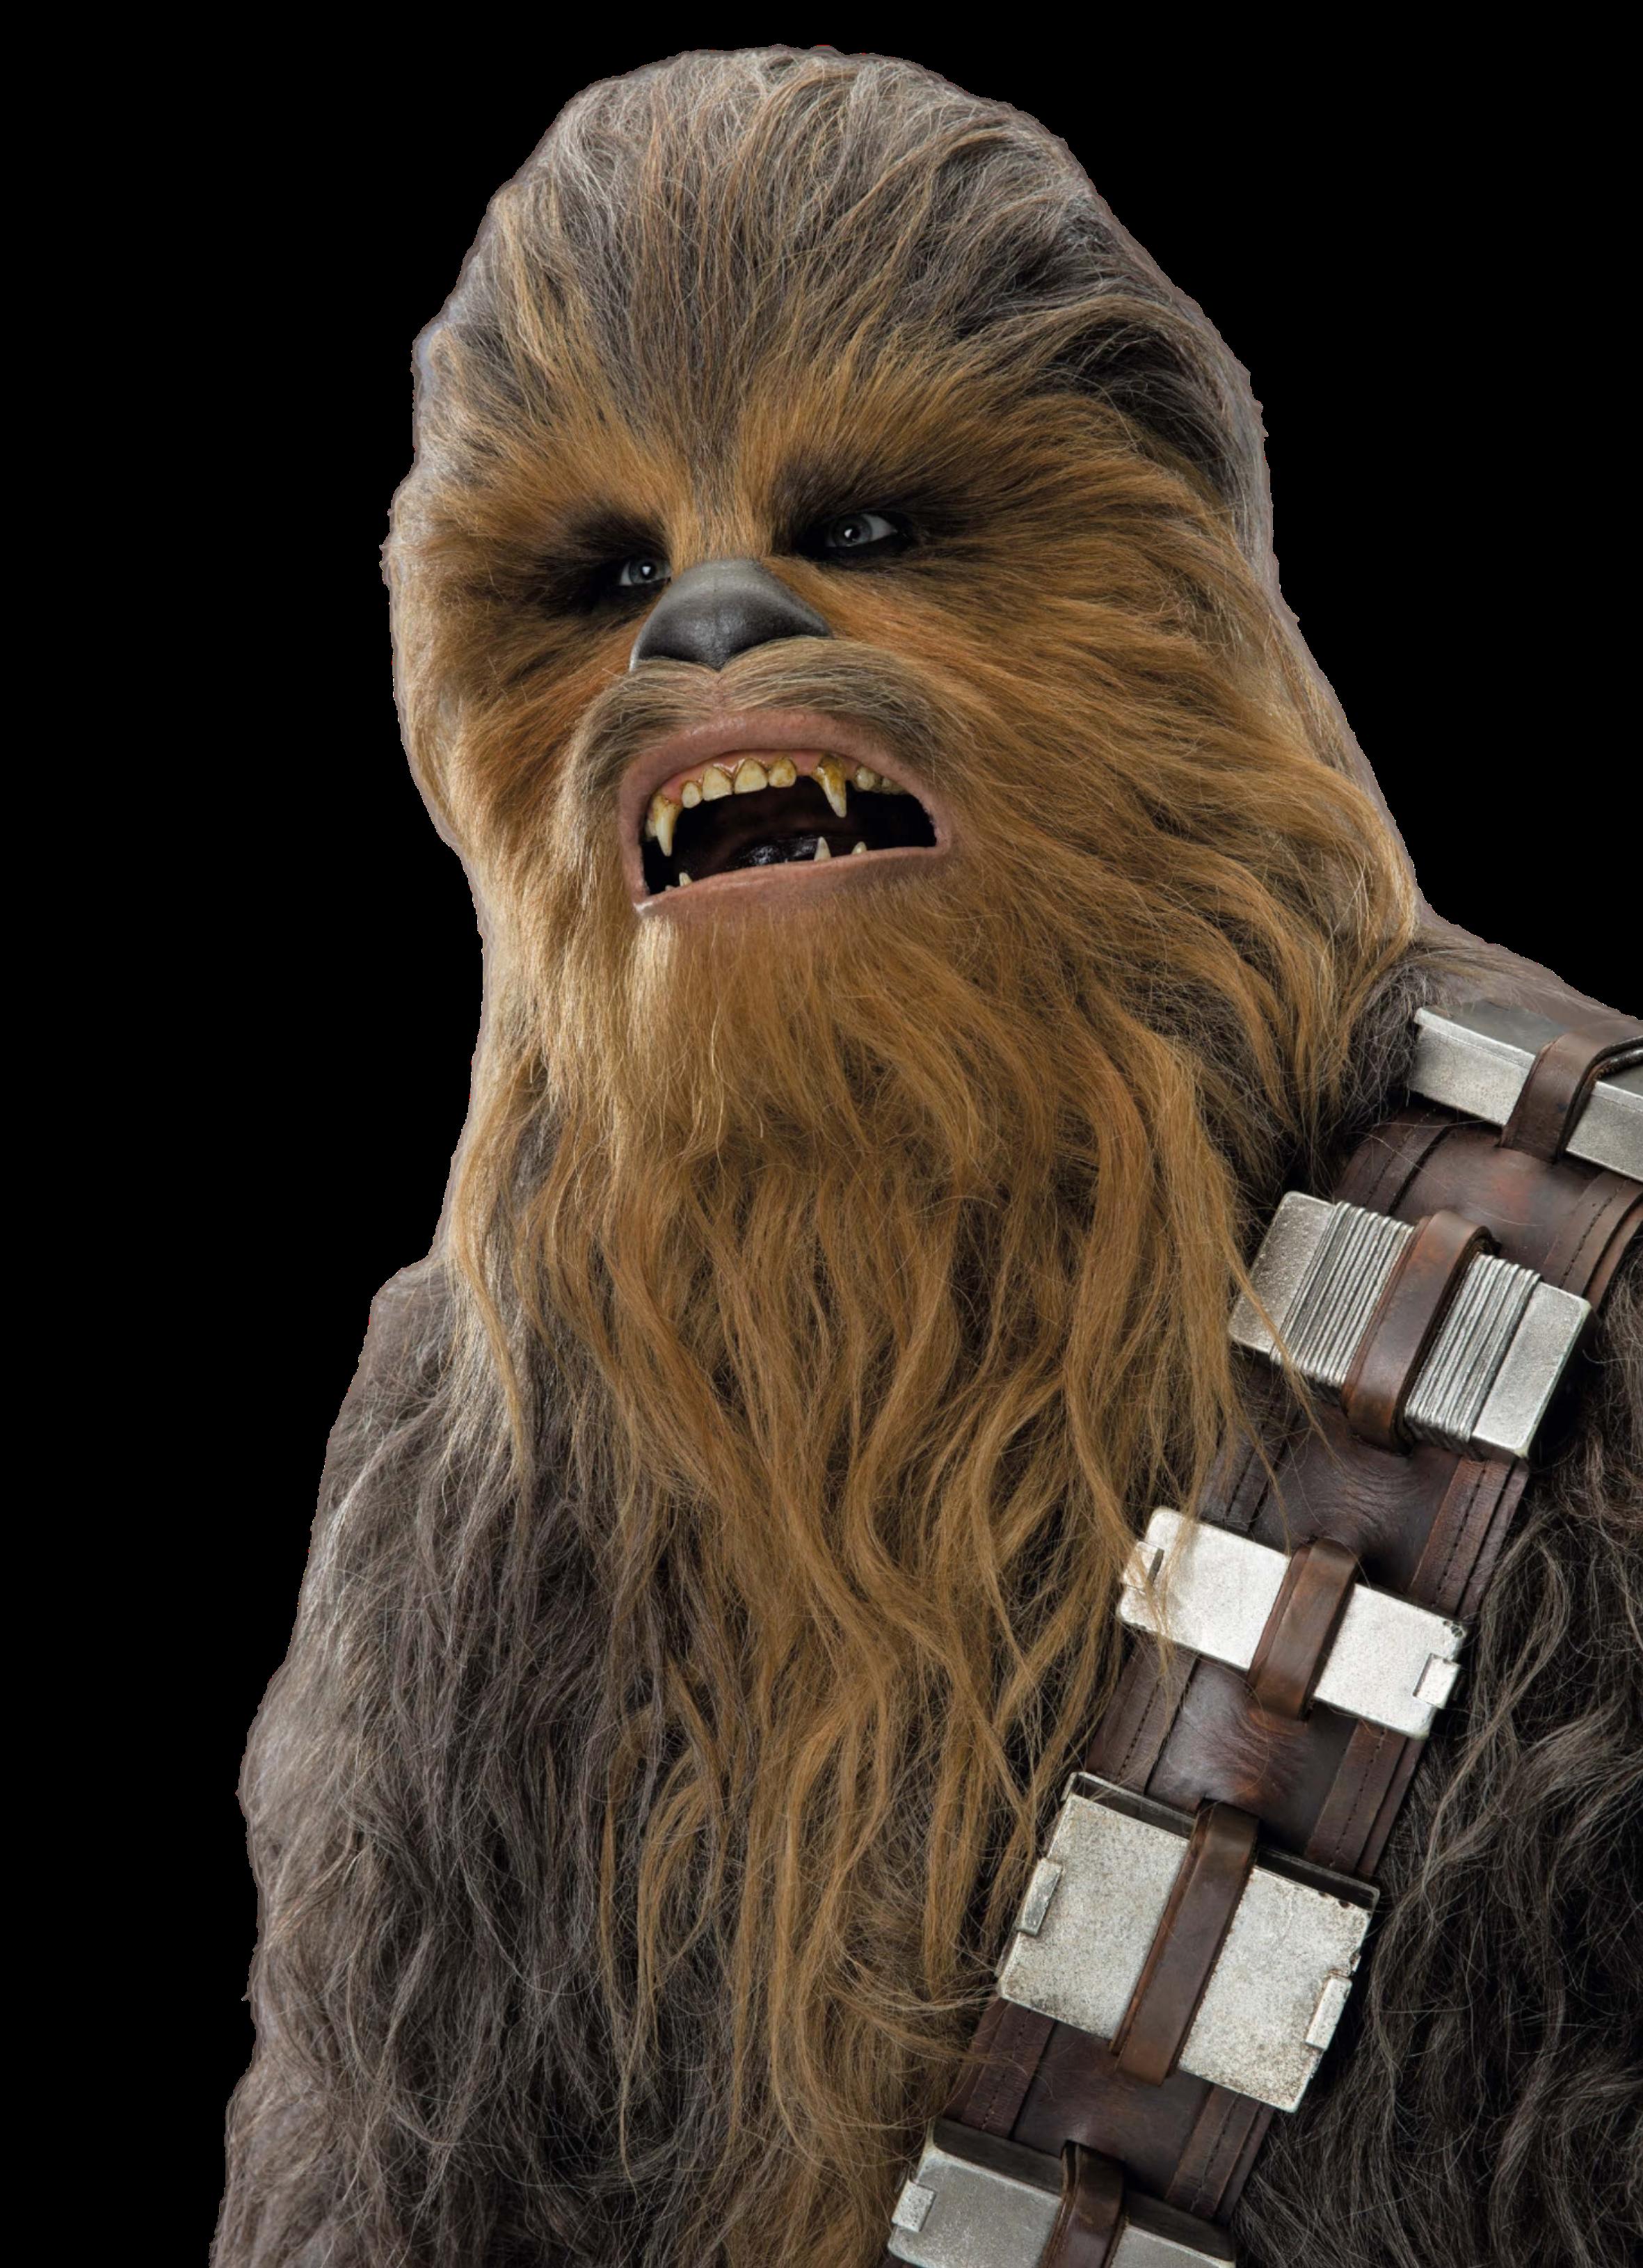 Disney Infinity 3.0 Star Wars Chewie Chewbacca Web Code Card